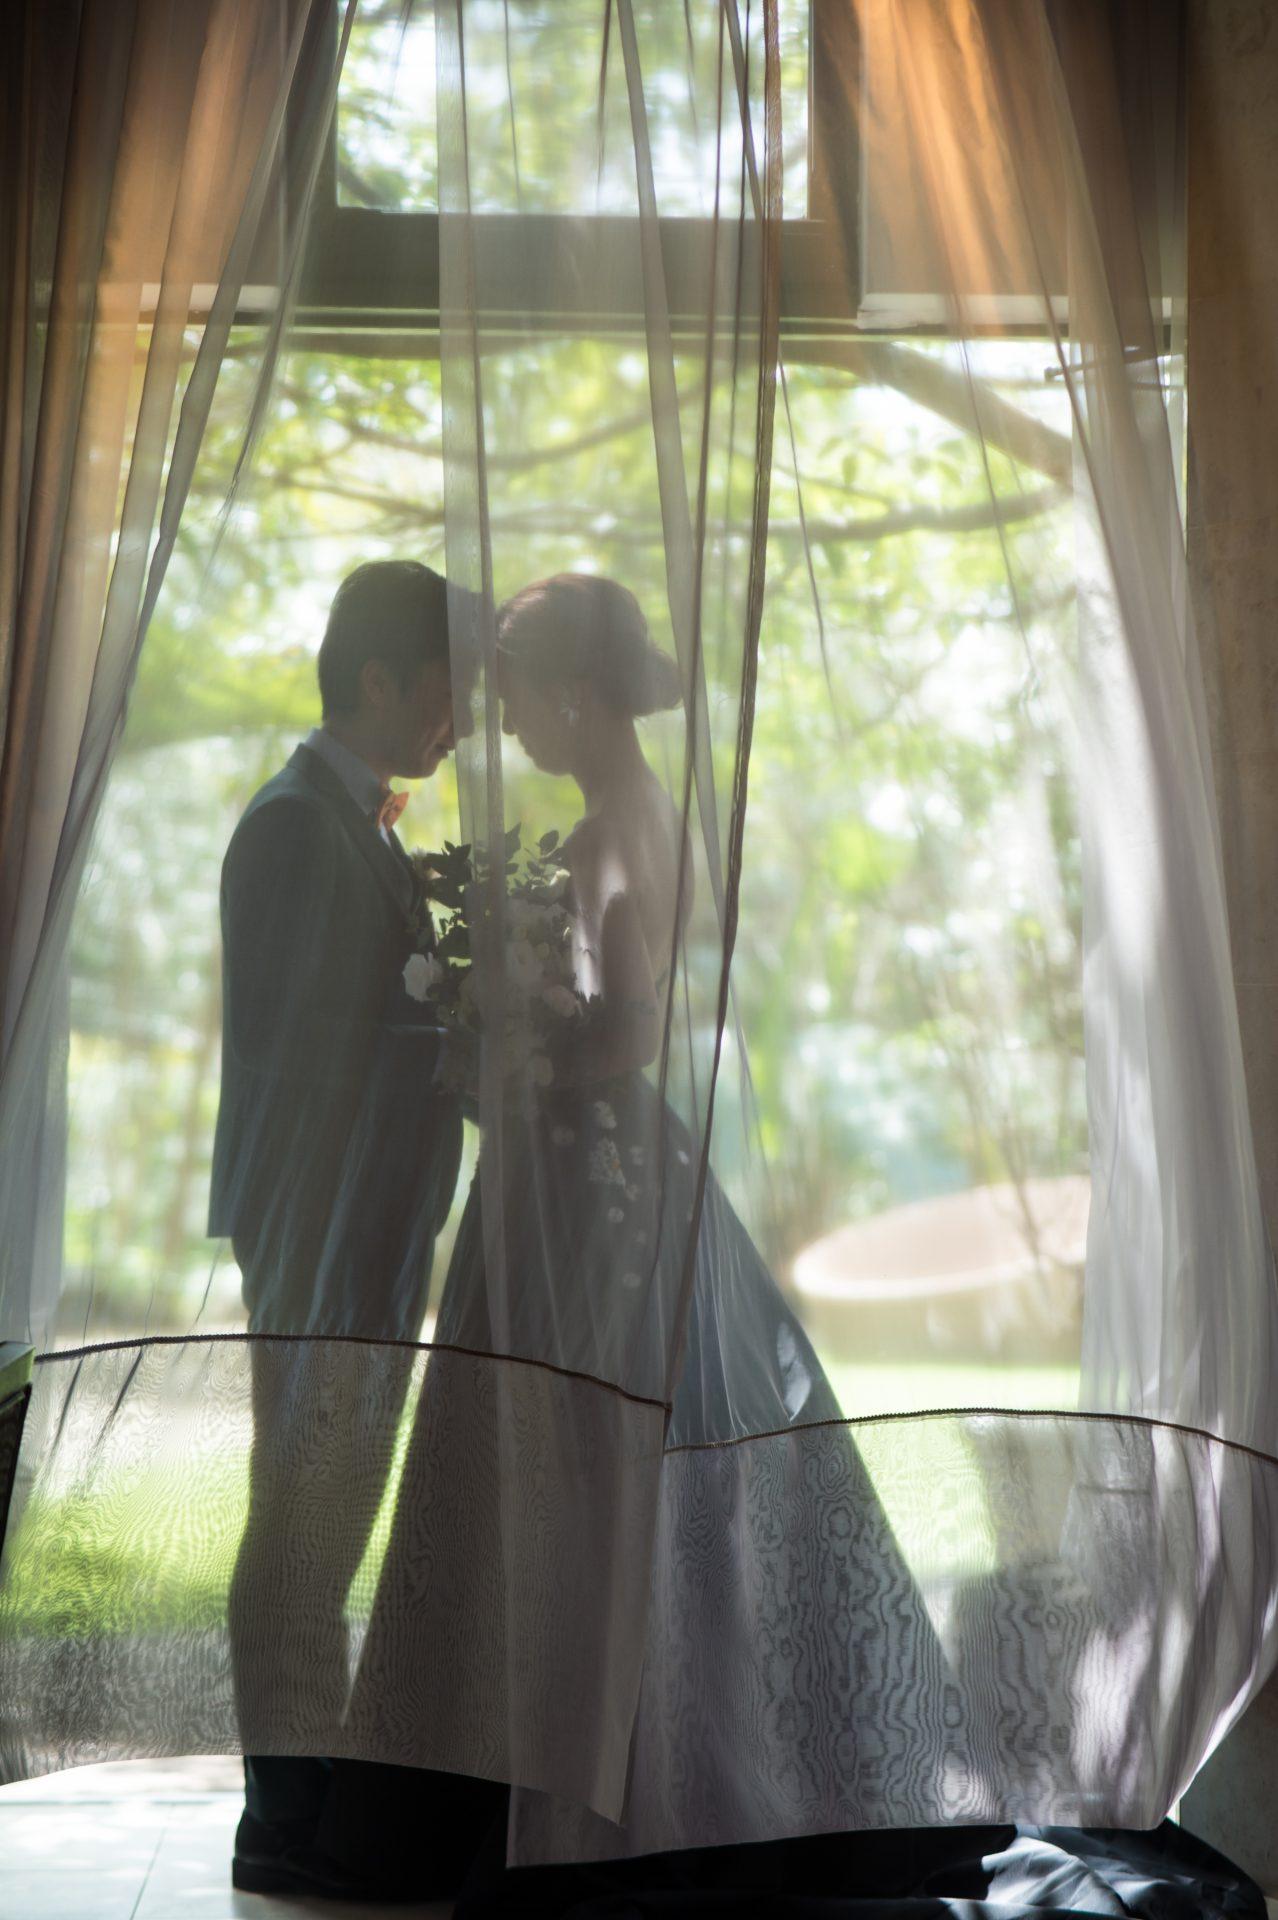 ザ・ルイガンズの前撮りではチャペルでのお写真も残せます。おしゃれなグリーンタキシードとトレンド感のあるブラックカラードレスはザ・トリート・ドレッシングでレンタル可能です